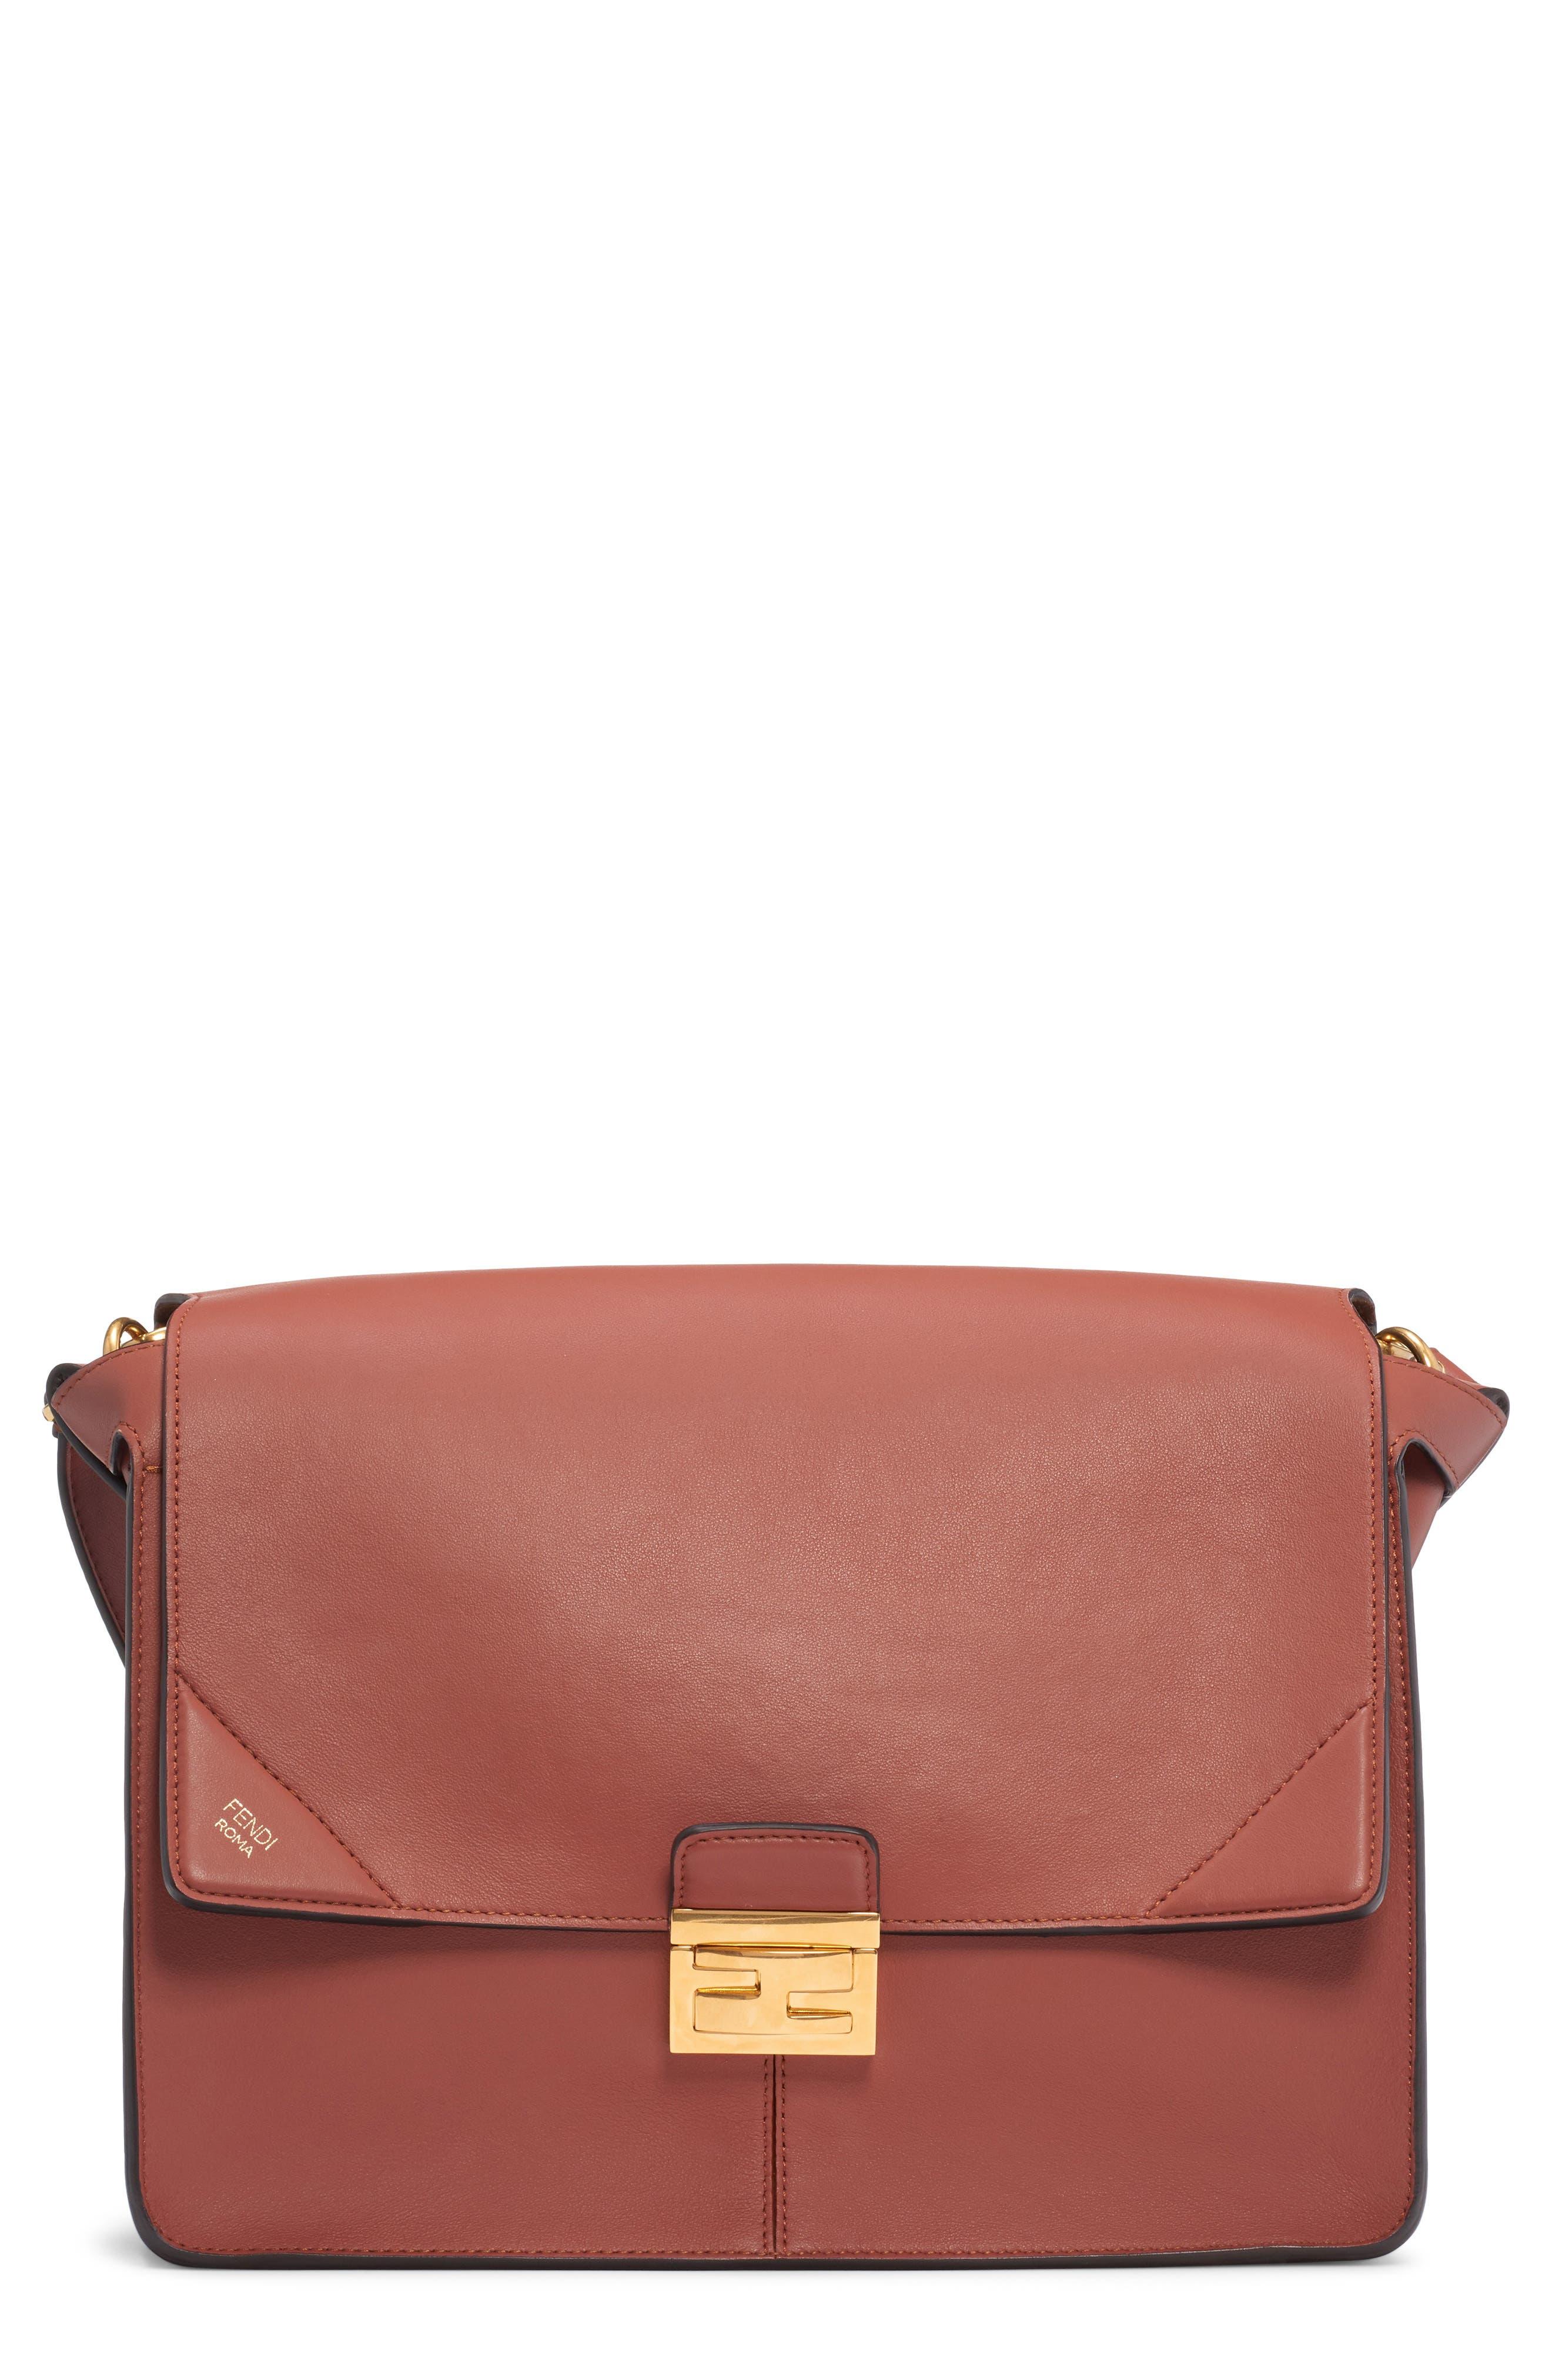 Fendi Large Kan U Leather Shoulder Bag   Nordstrom